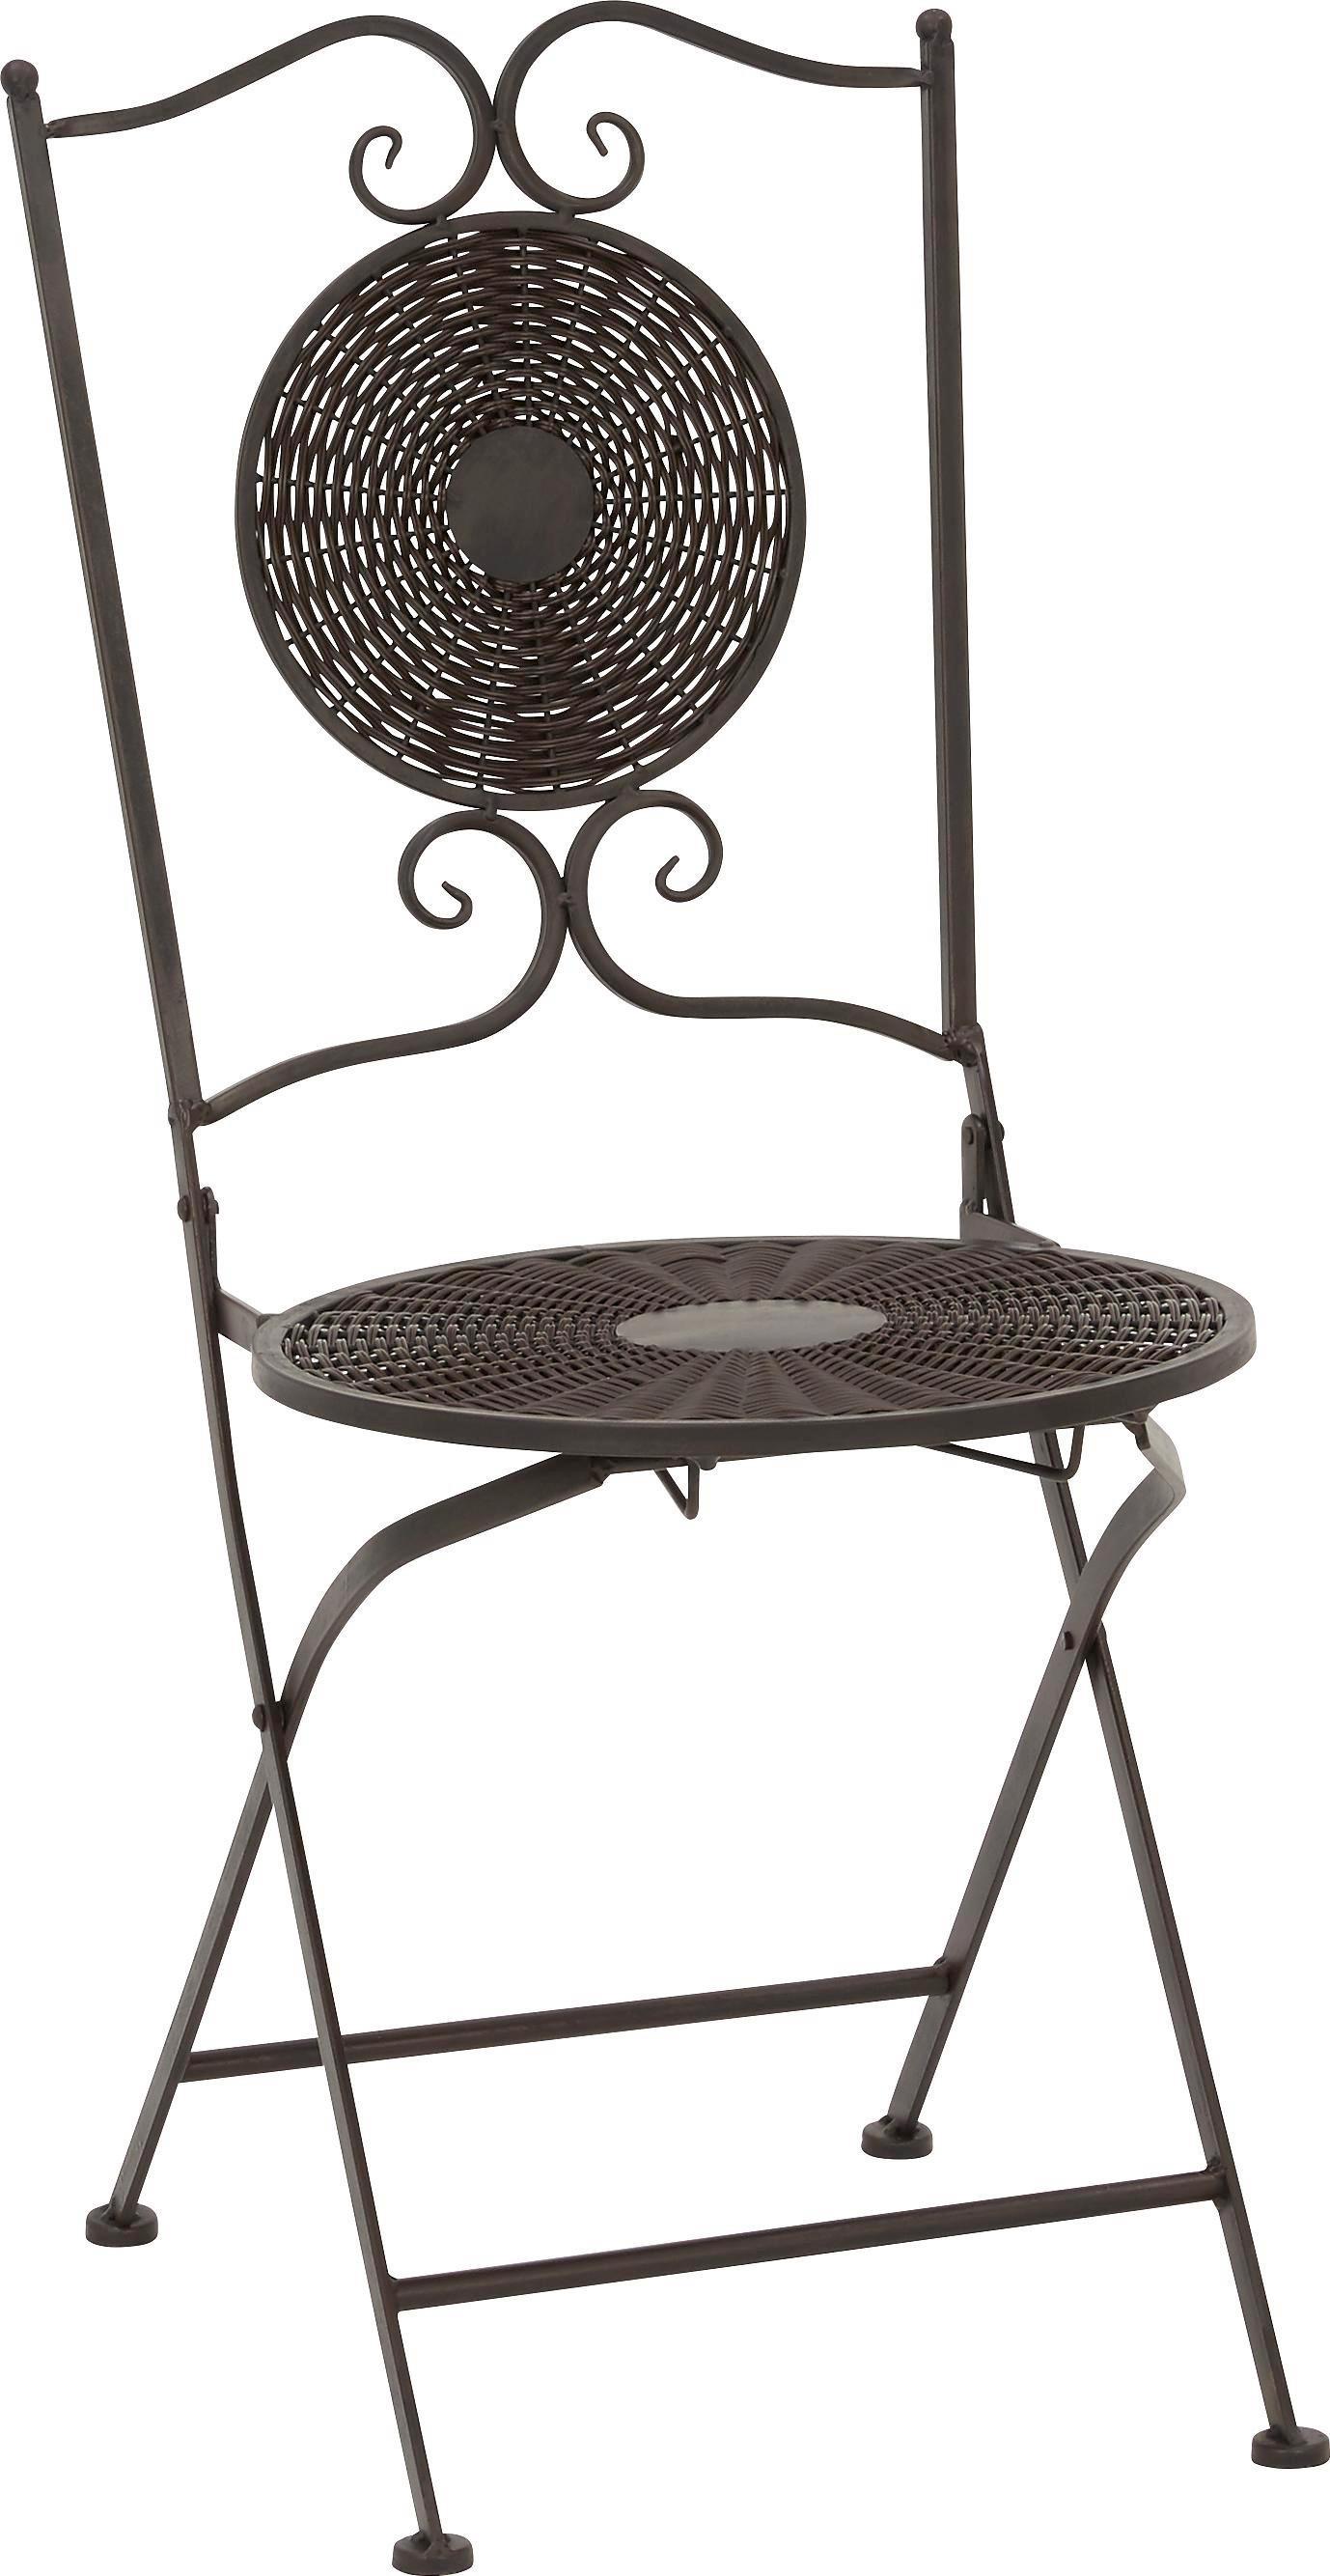 Zahradní Židle Nicolas - černá/hnědá, Moderní, kov/umělá hmota (40/90/40cm) - MÖMAX modern living